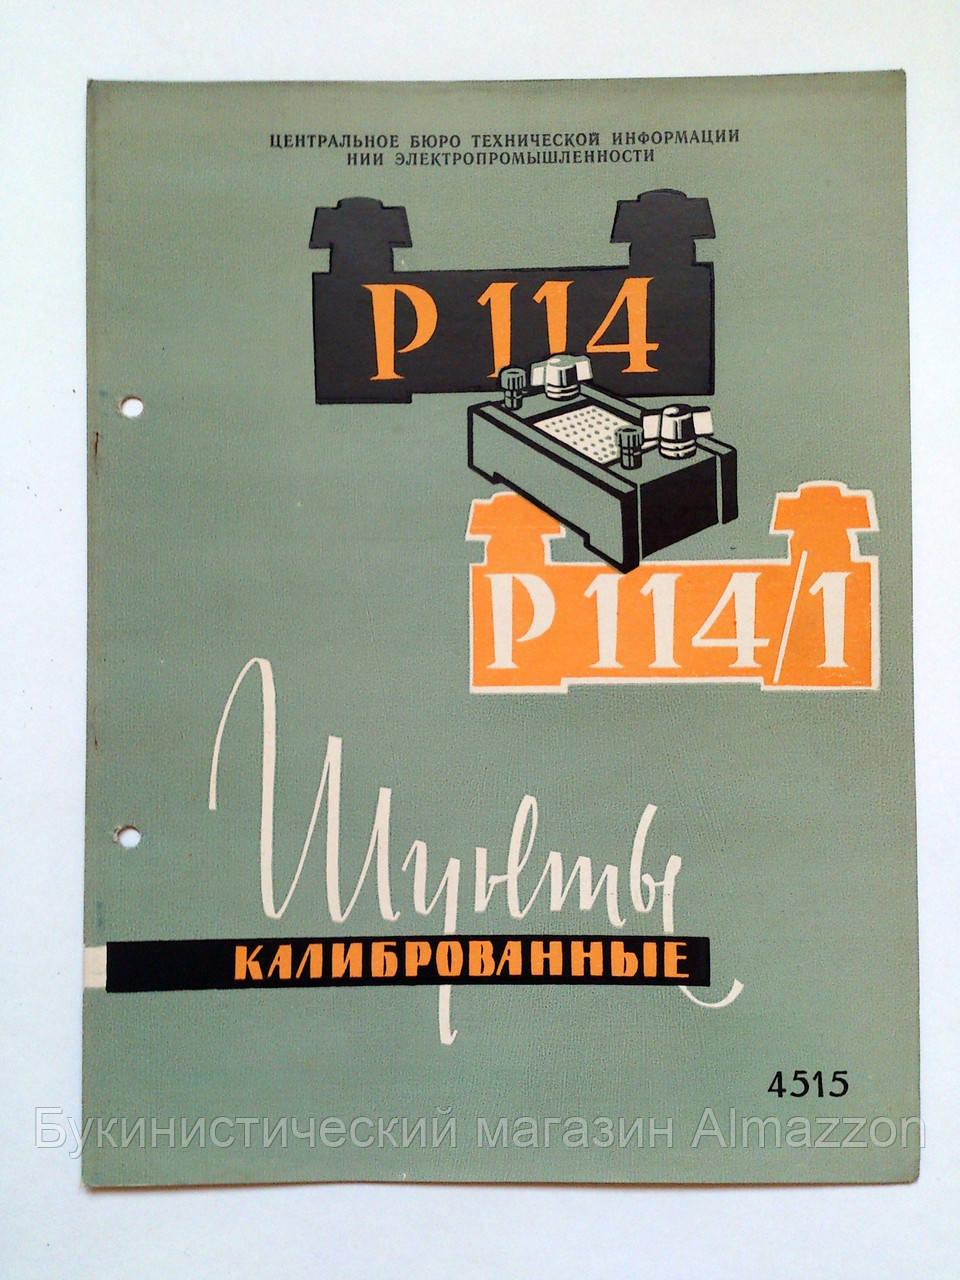 """Журнал (Бюллетень) """"Шунты калиброванные Р114, Р114/1"""" 1959 год"""